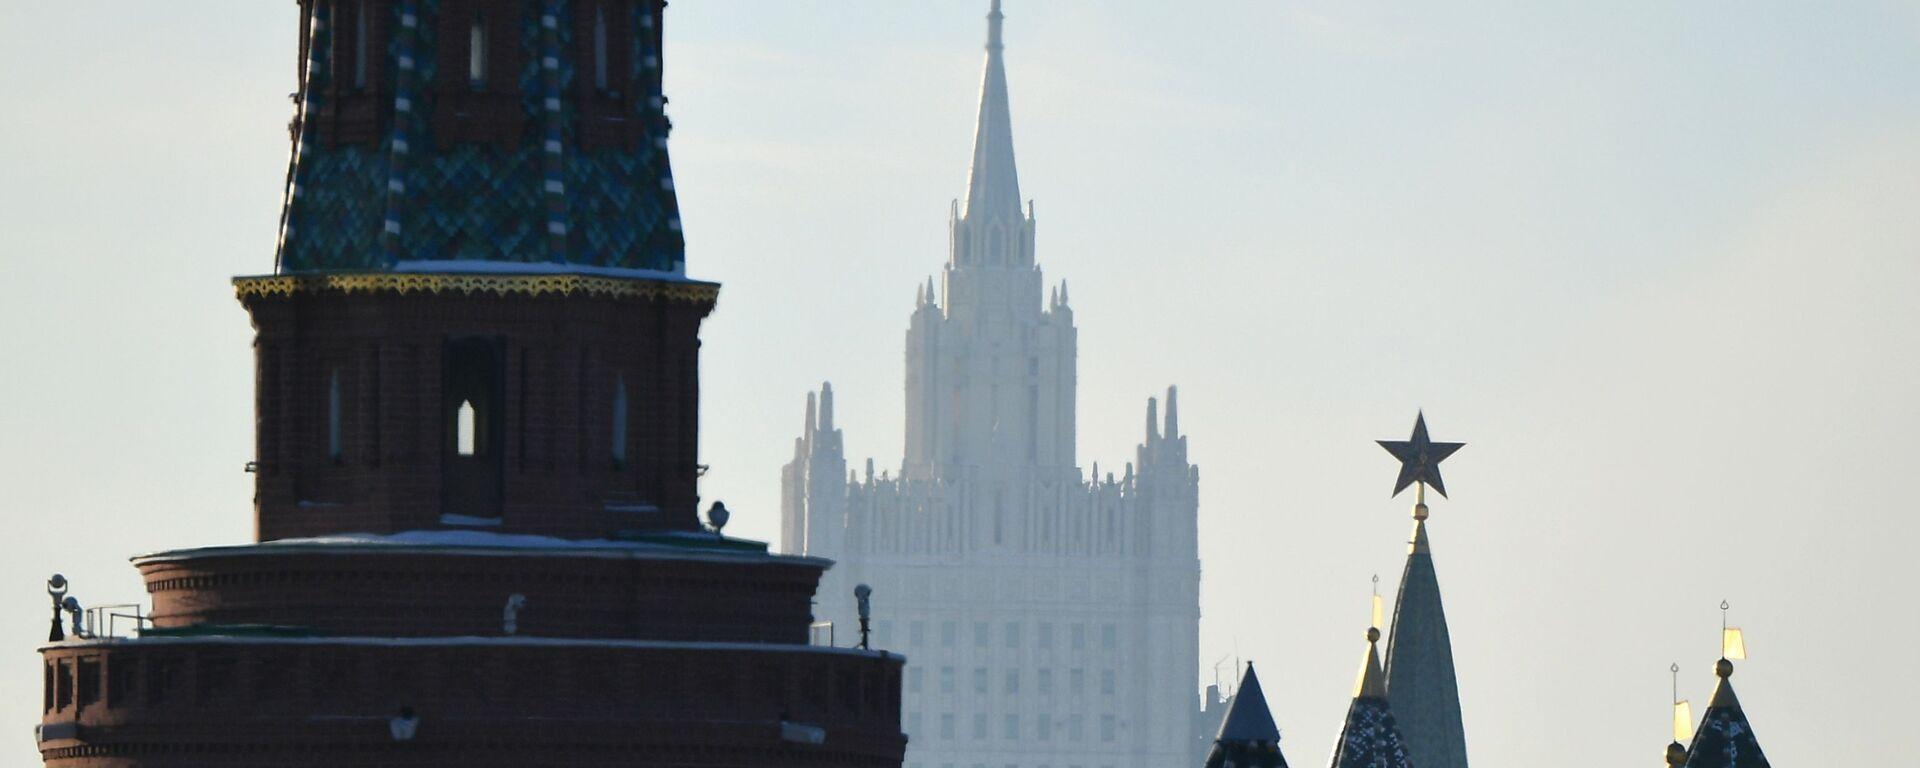 Le Kremlin et le ministère russe des Affaires étrangères (archive photo) - Sputnik France, 1920, 01.03.2021